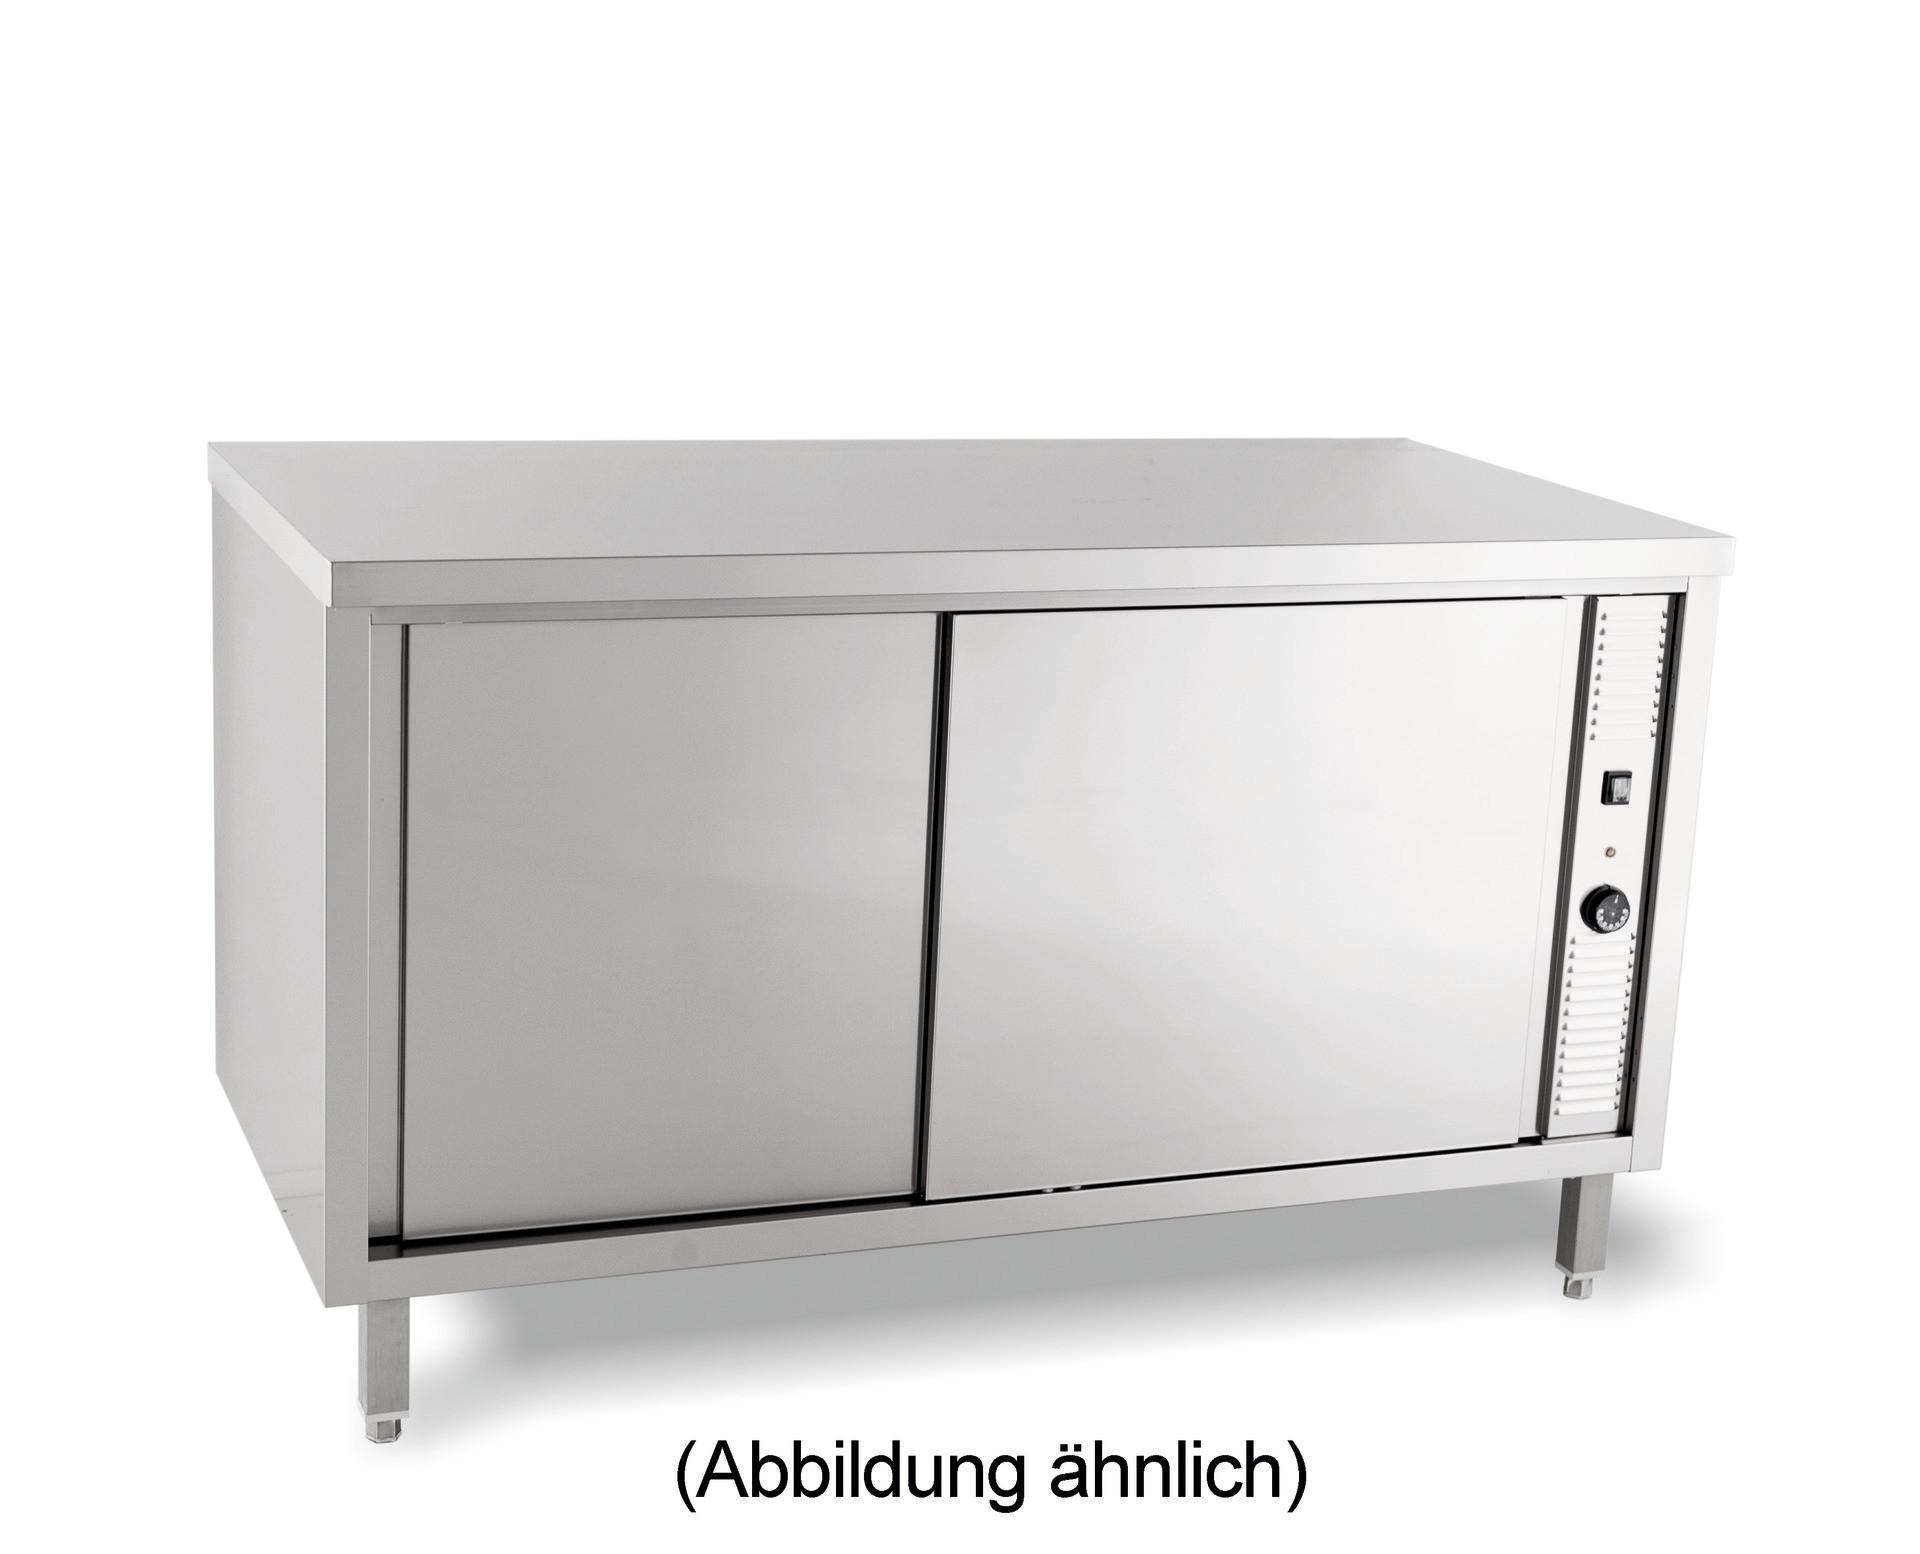 Wärmeschrank mit Schiebetüren ohne Aufkantung 1600 x 700 x 850 mm